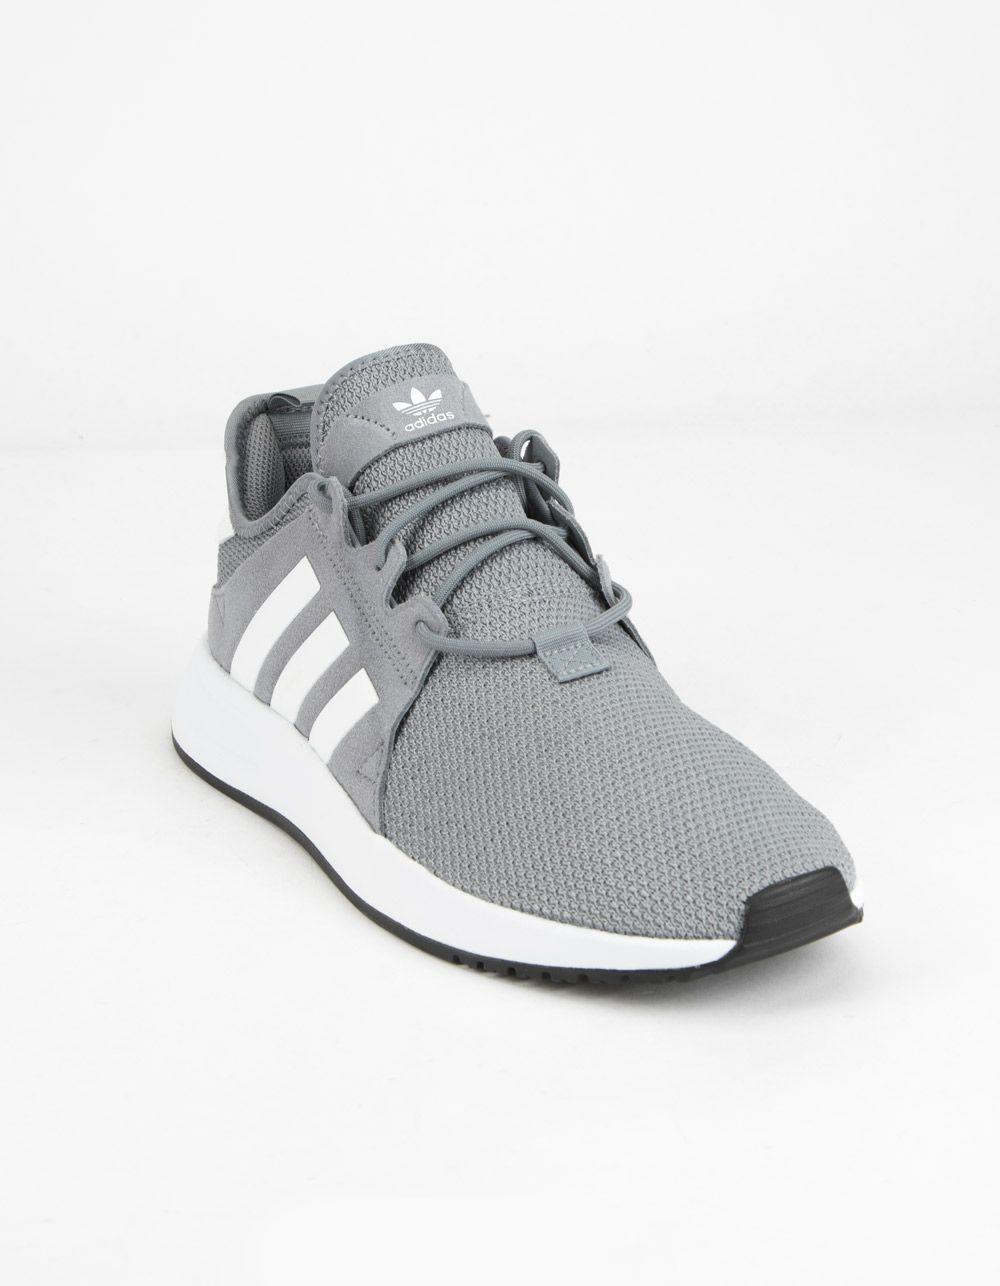 x_plr shoes white